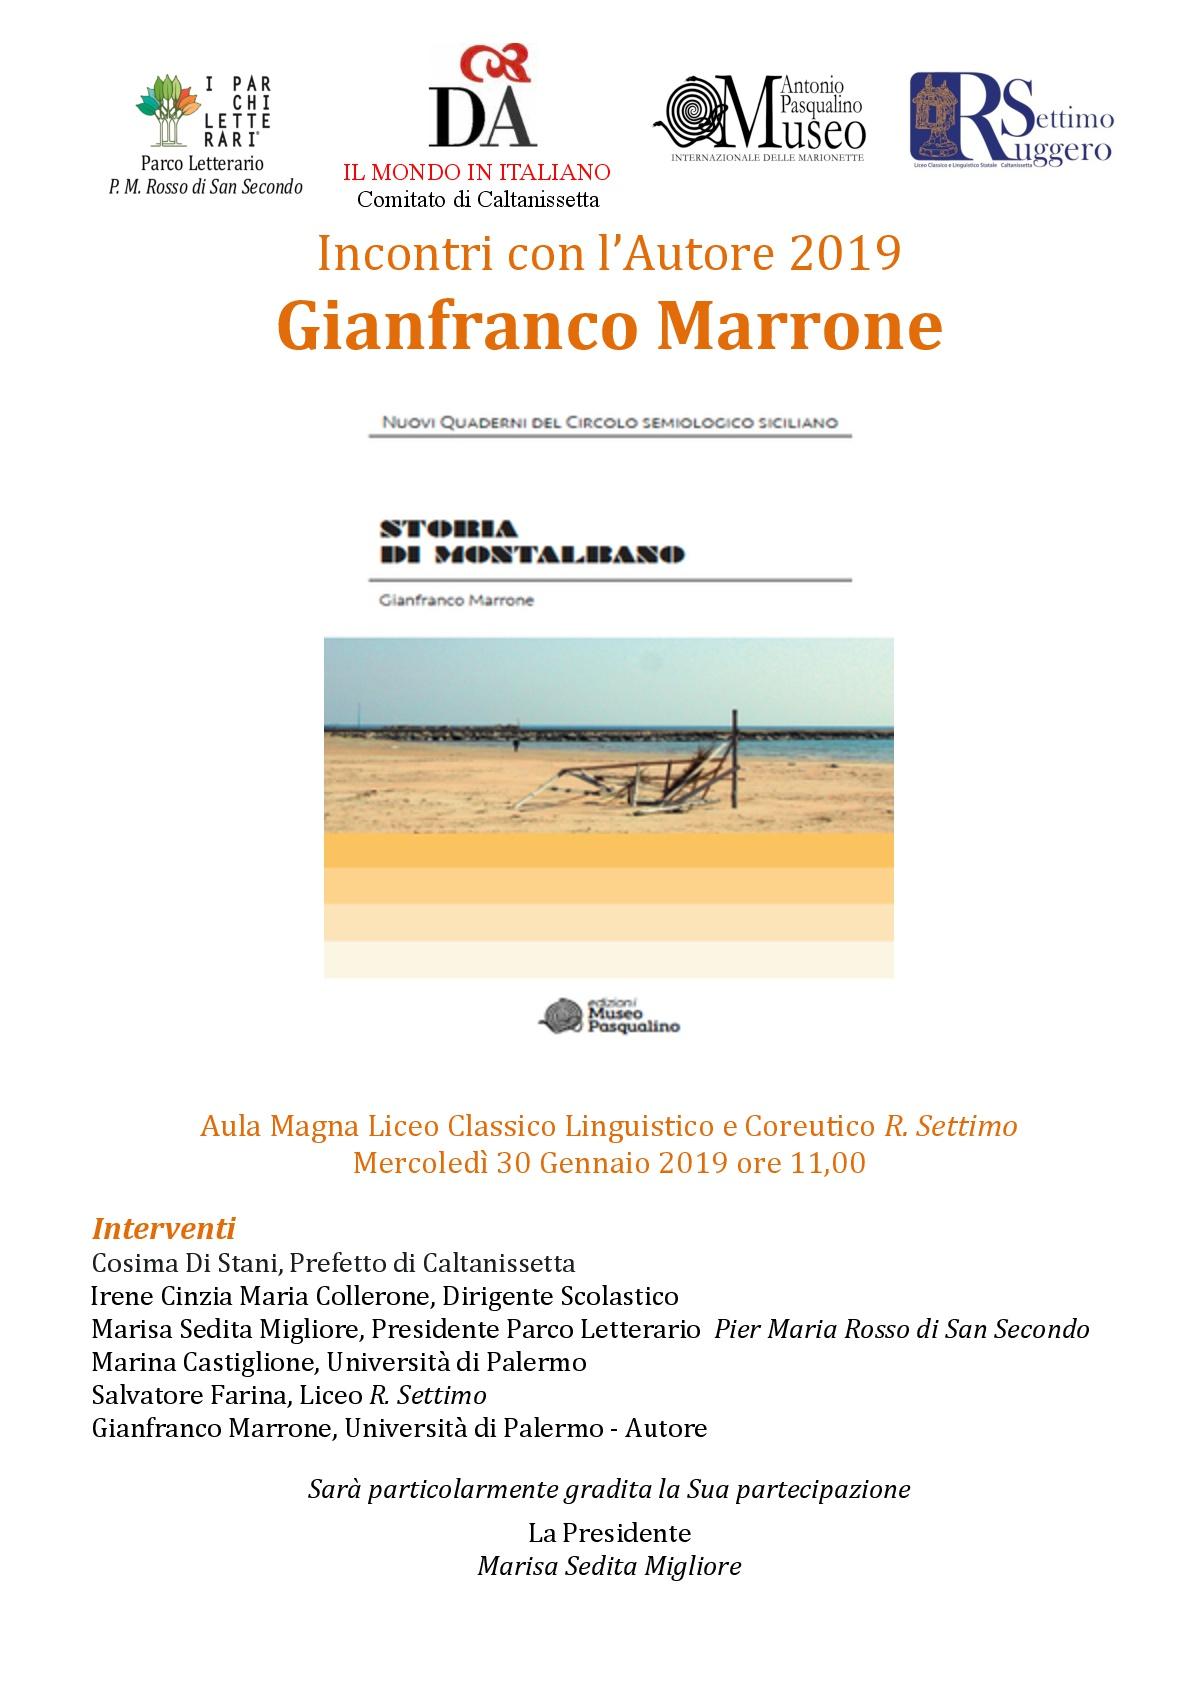 2019Presentazione_libro_Storia_di_Montalbano_Marrone.jpg - 303.38 kB